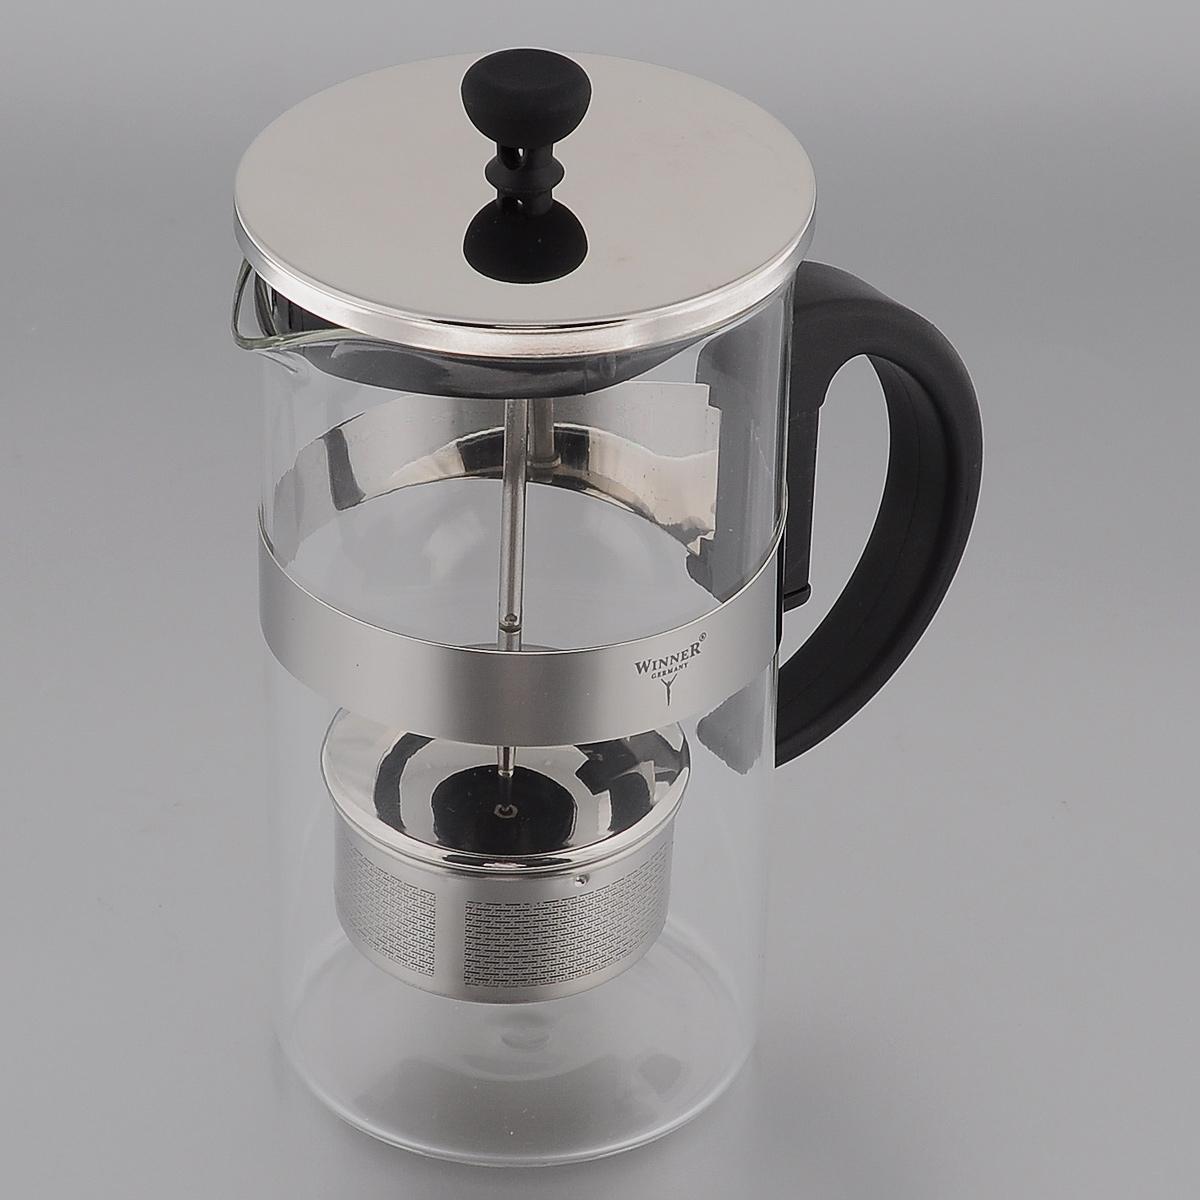 Френч-пресс Winner, 1 л. WR-5222WR-5222Френч-пресс Winner, изготовленный из термостойкого стекла с пластиковой ручкой, предоставит вам все необходимые возможности для успешного заваривания чая. Чай в таком чайнике дольше остается горячим, а полезные и ароматические вещества полностью сохраняются в напитке. Изделие оснащено фильтром, крышкой и удобным поршнем из нержавеющей стали, который поможет дозировать степень заварки напитка. Простой и удобный френч-пресс Winner поможет вам приготовить крепкий, ароматный чай. Нельзя мыть в посудомоечной машине. Не использовать в микроволновой печи. Диаметр чайника (по верхнему краю): 9,5 см. Высота чайника (без учета крышки): 18 см. Высота фильтра: 3,5 см.